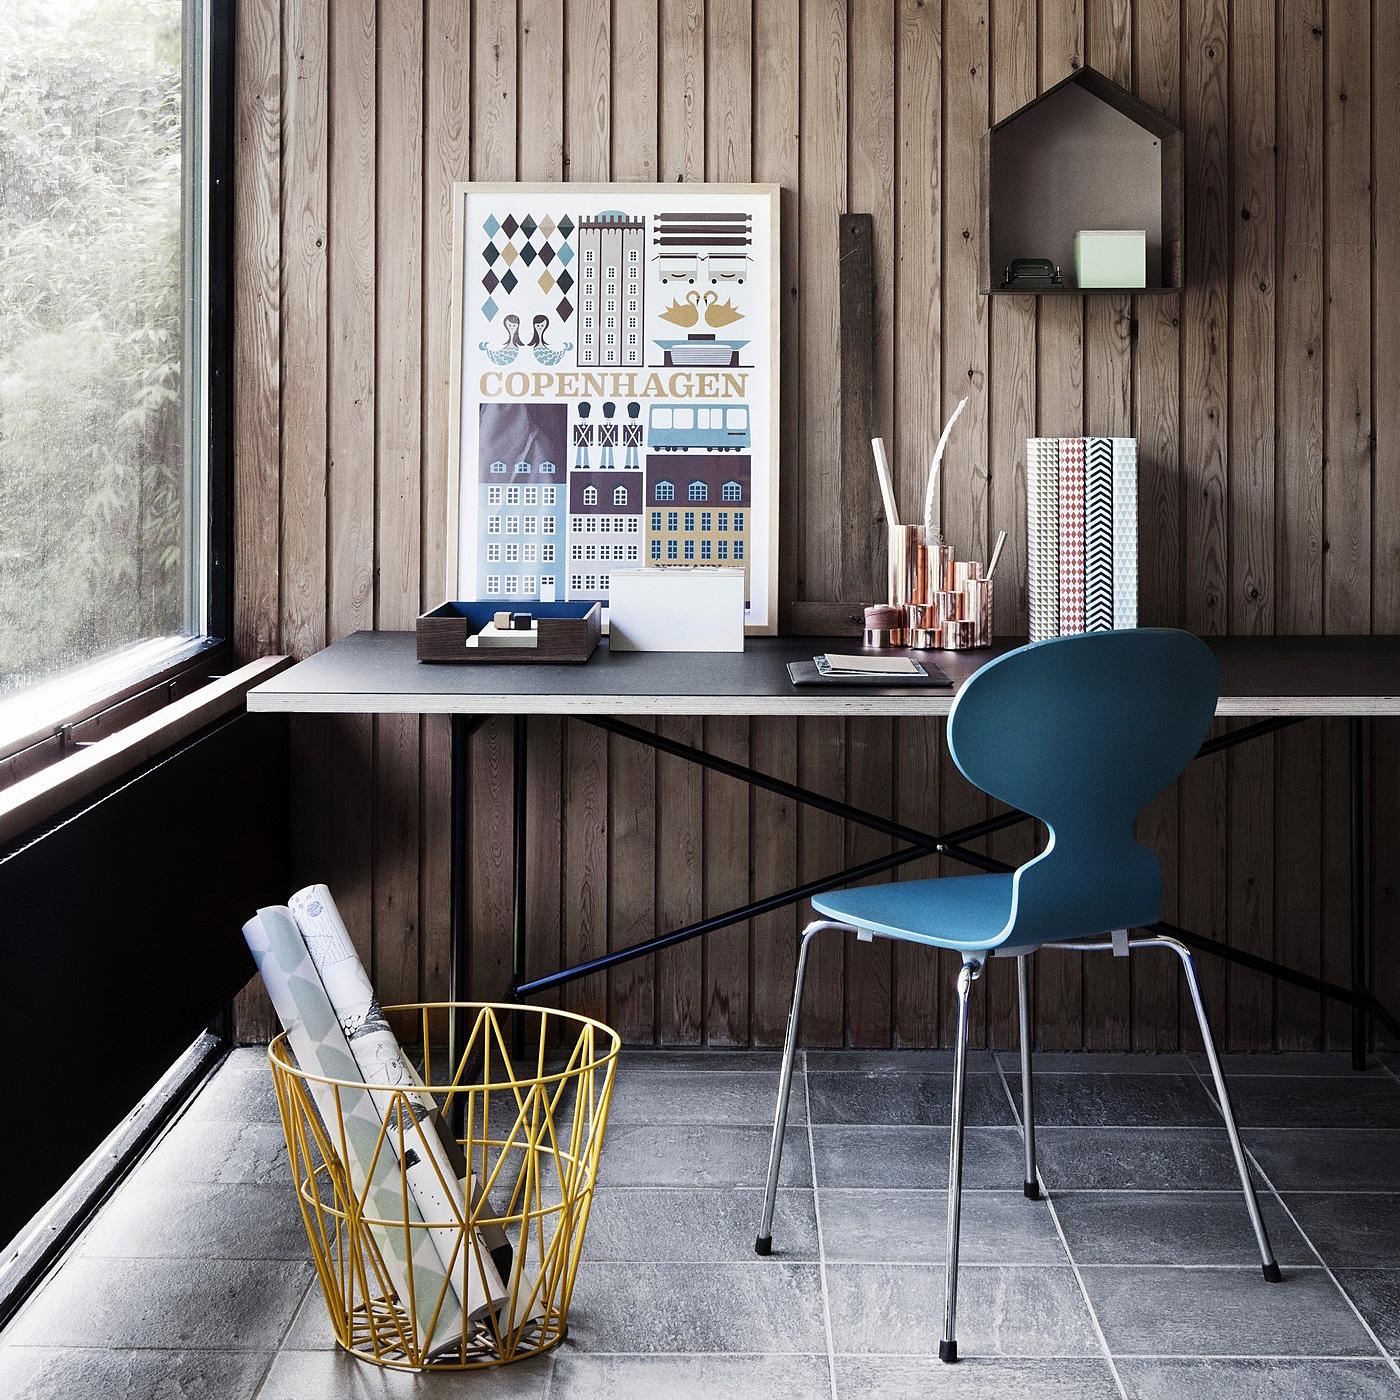 1比1高仿定制丹麦设计 金属收纳篮 茶几 边几 床头桌柜 顶板 规格颜色可定制